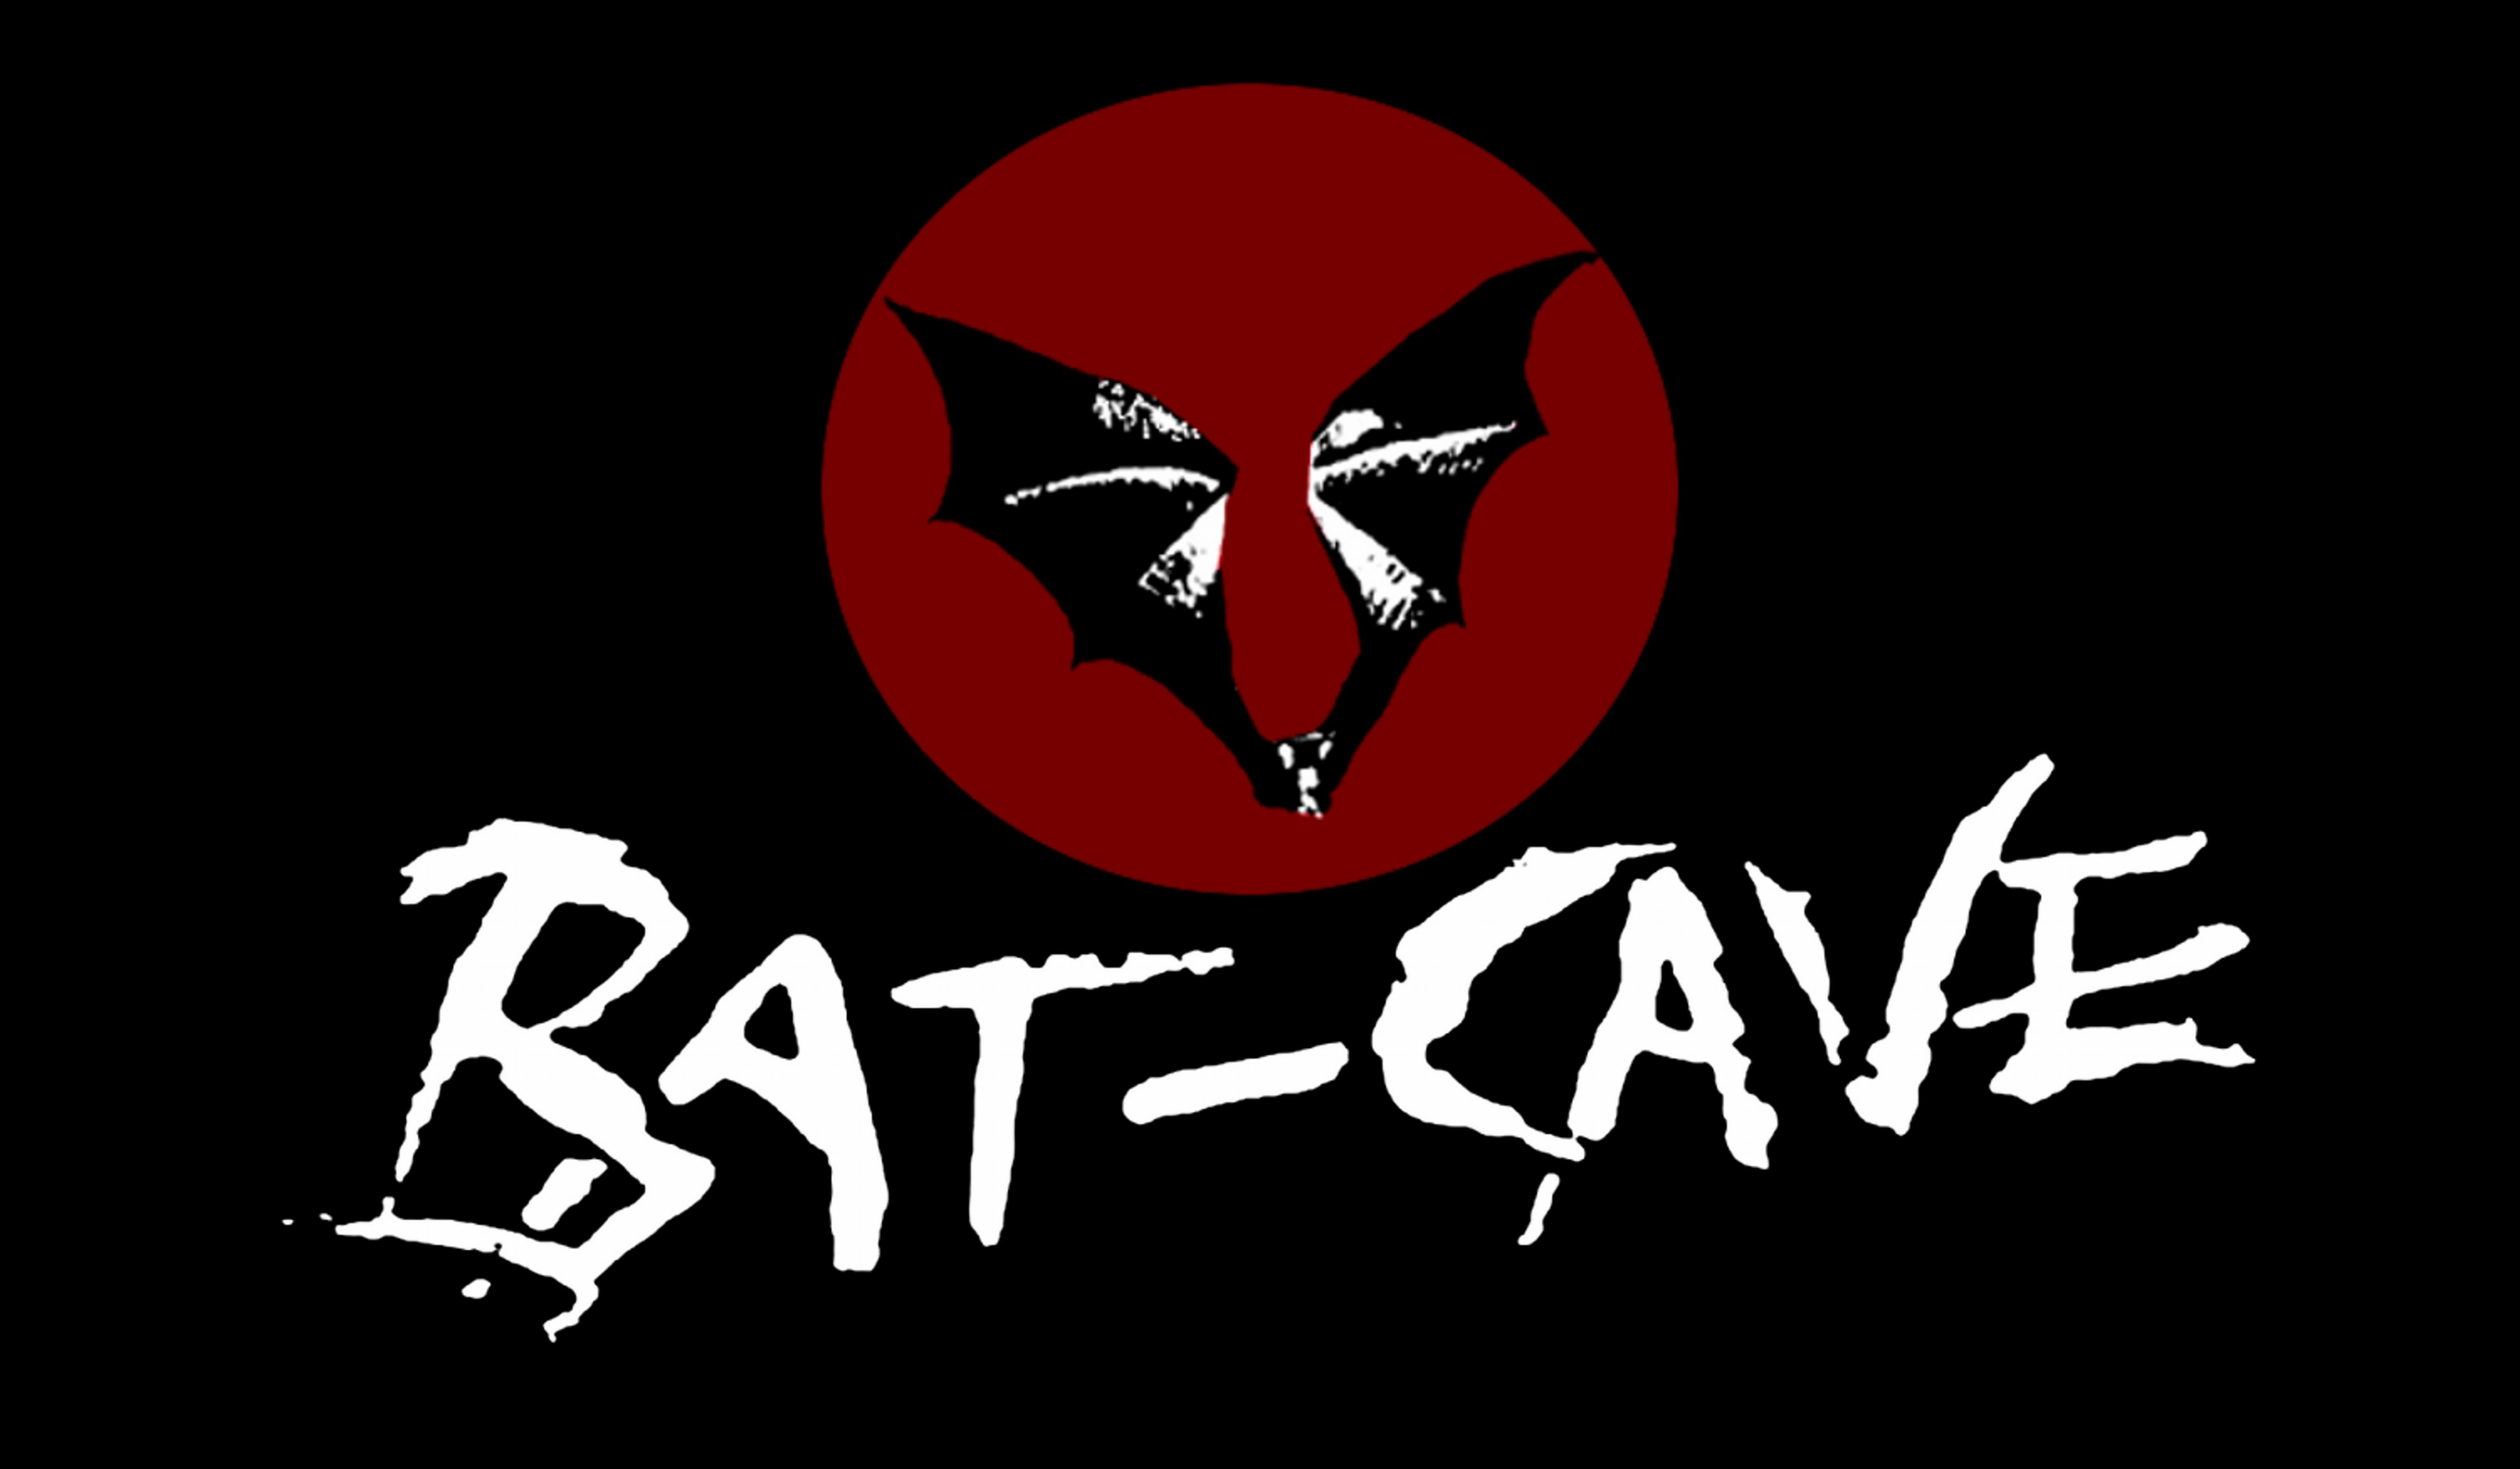 BatCave.pl